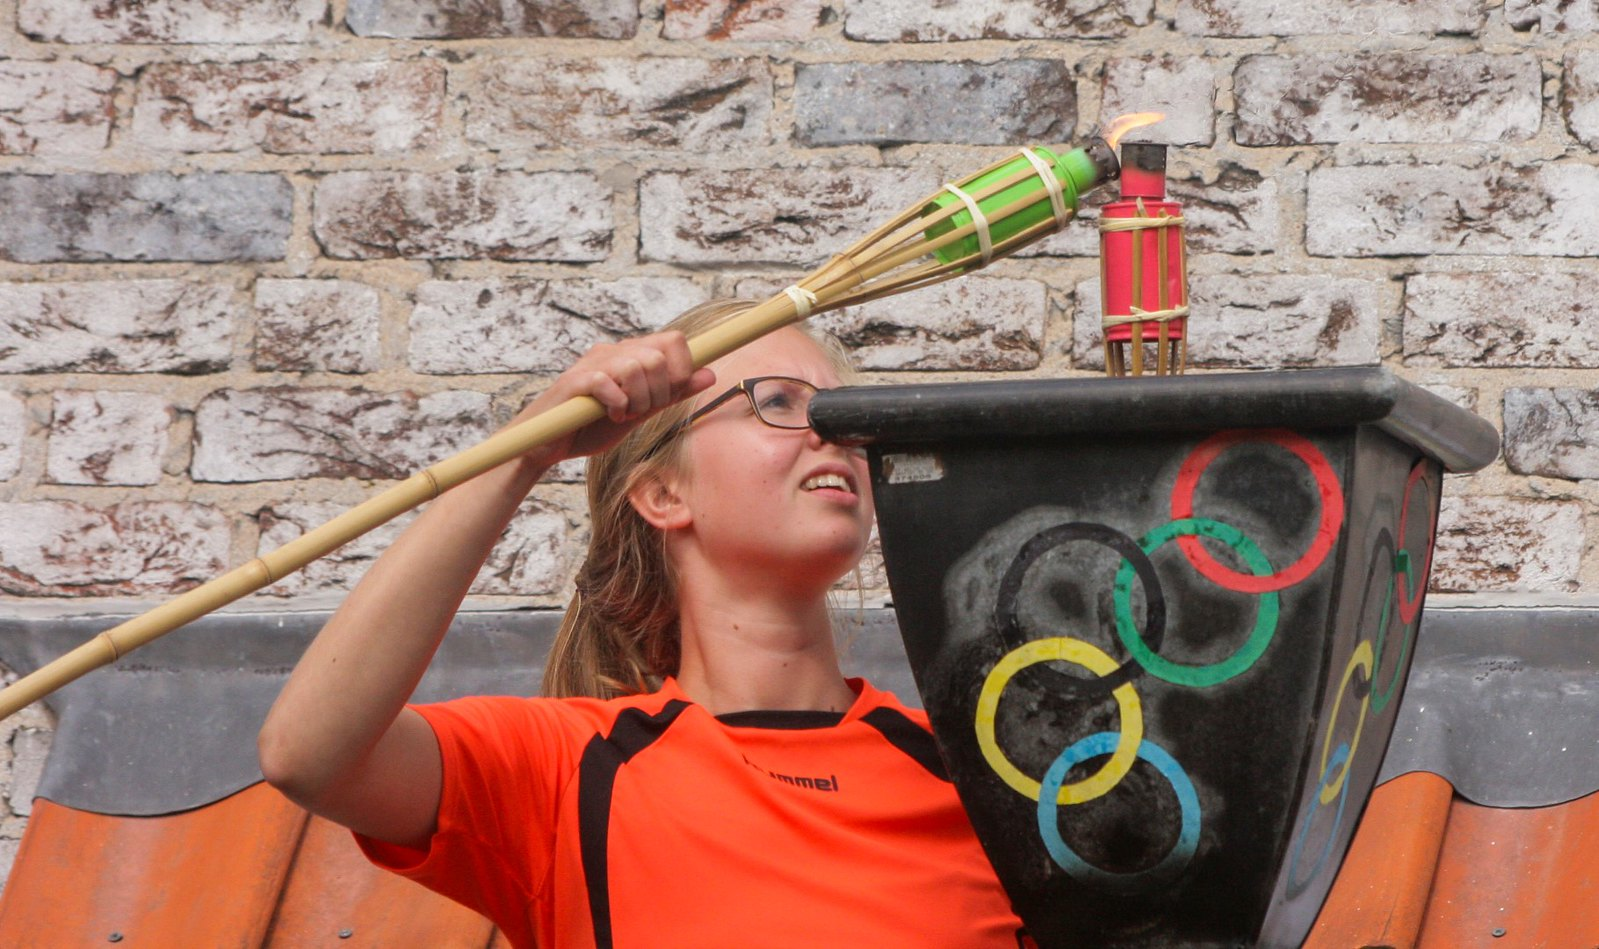 Op zoek naar Olympische sporthelden (48)